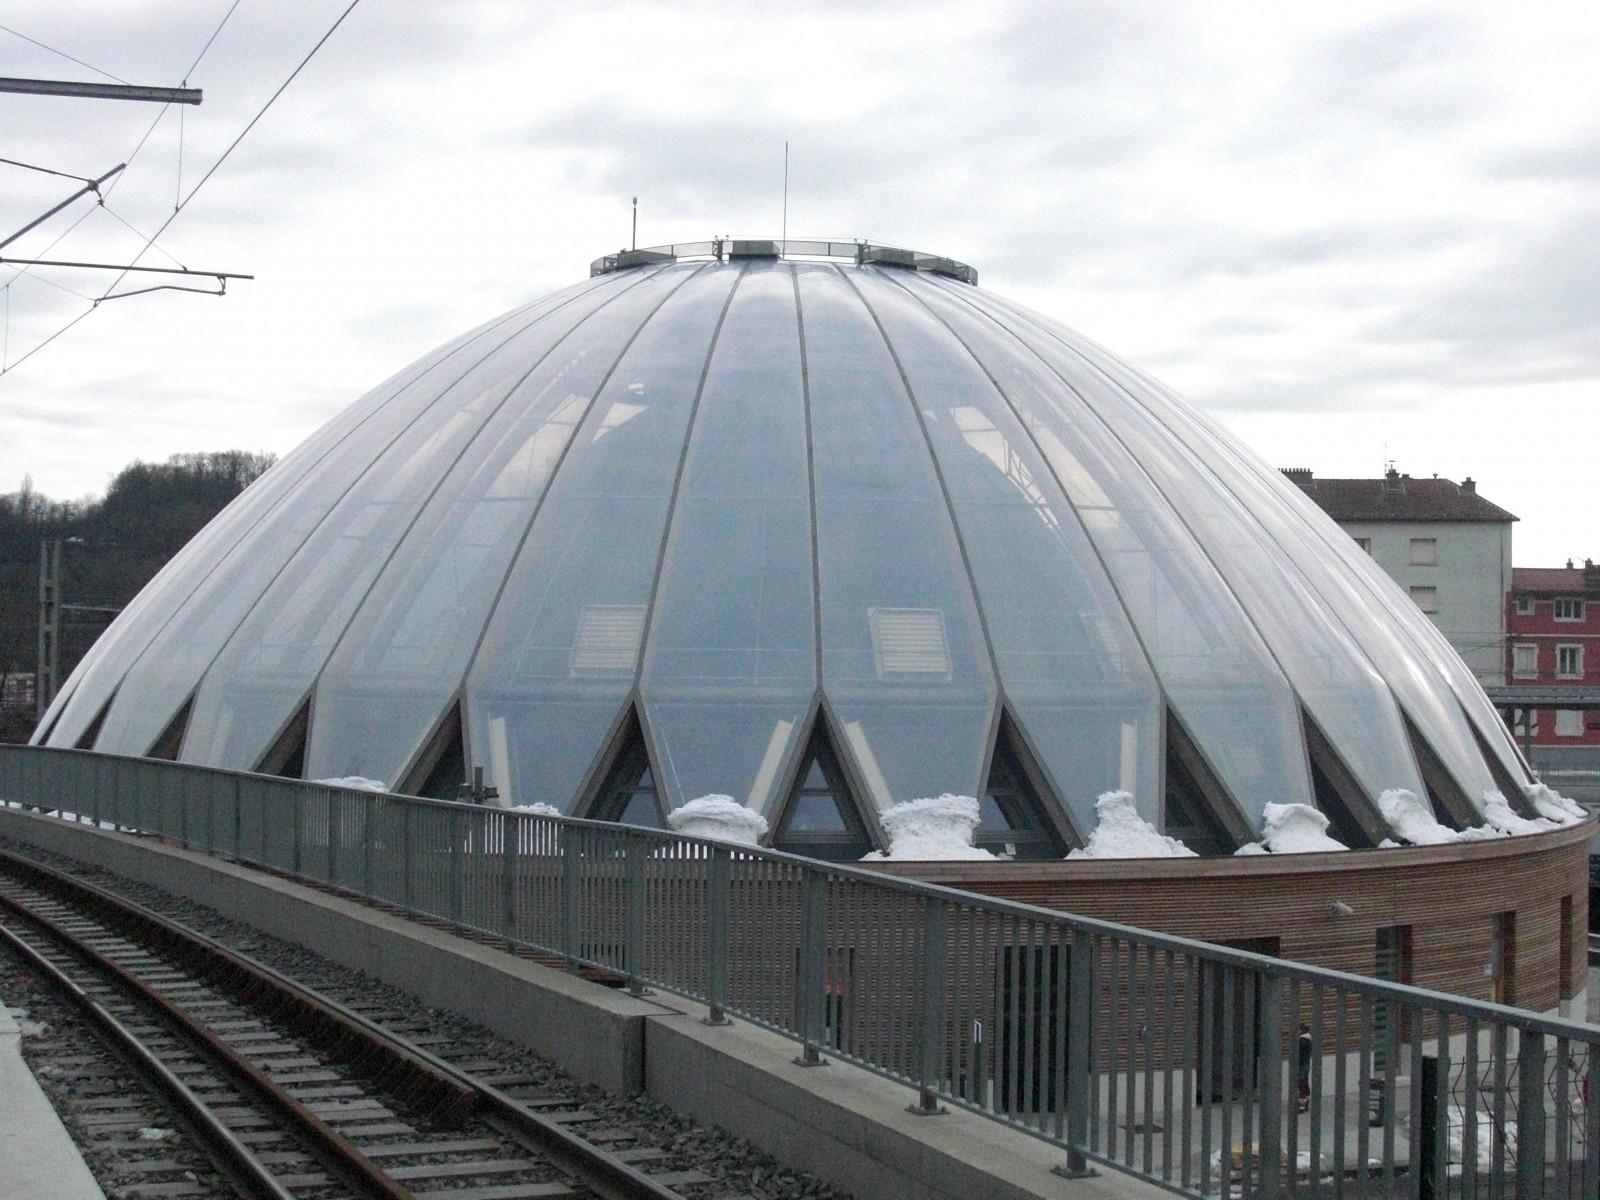 Bellegarde sur valserine gare images for Piscine bellegarde sur valserine